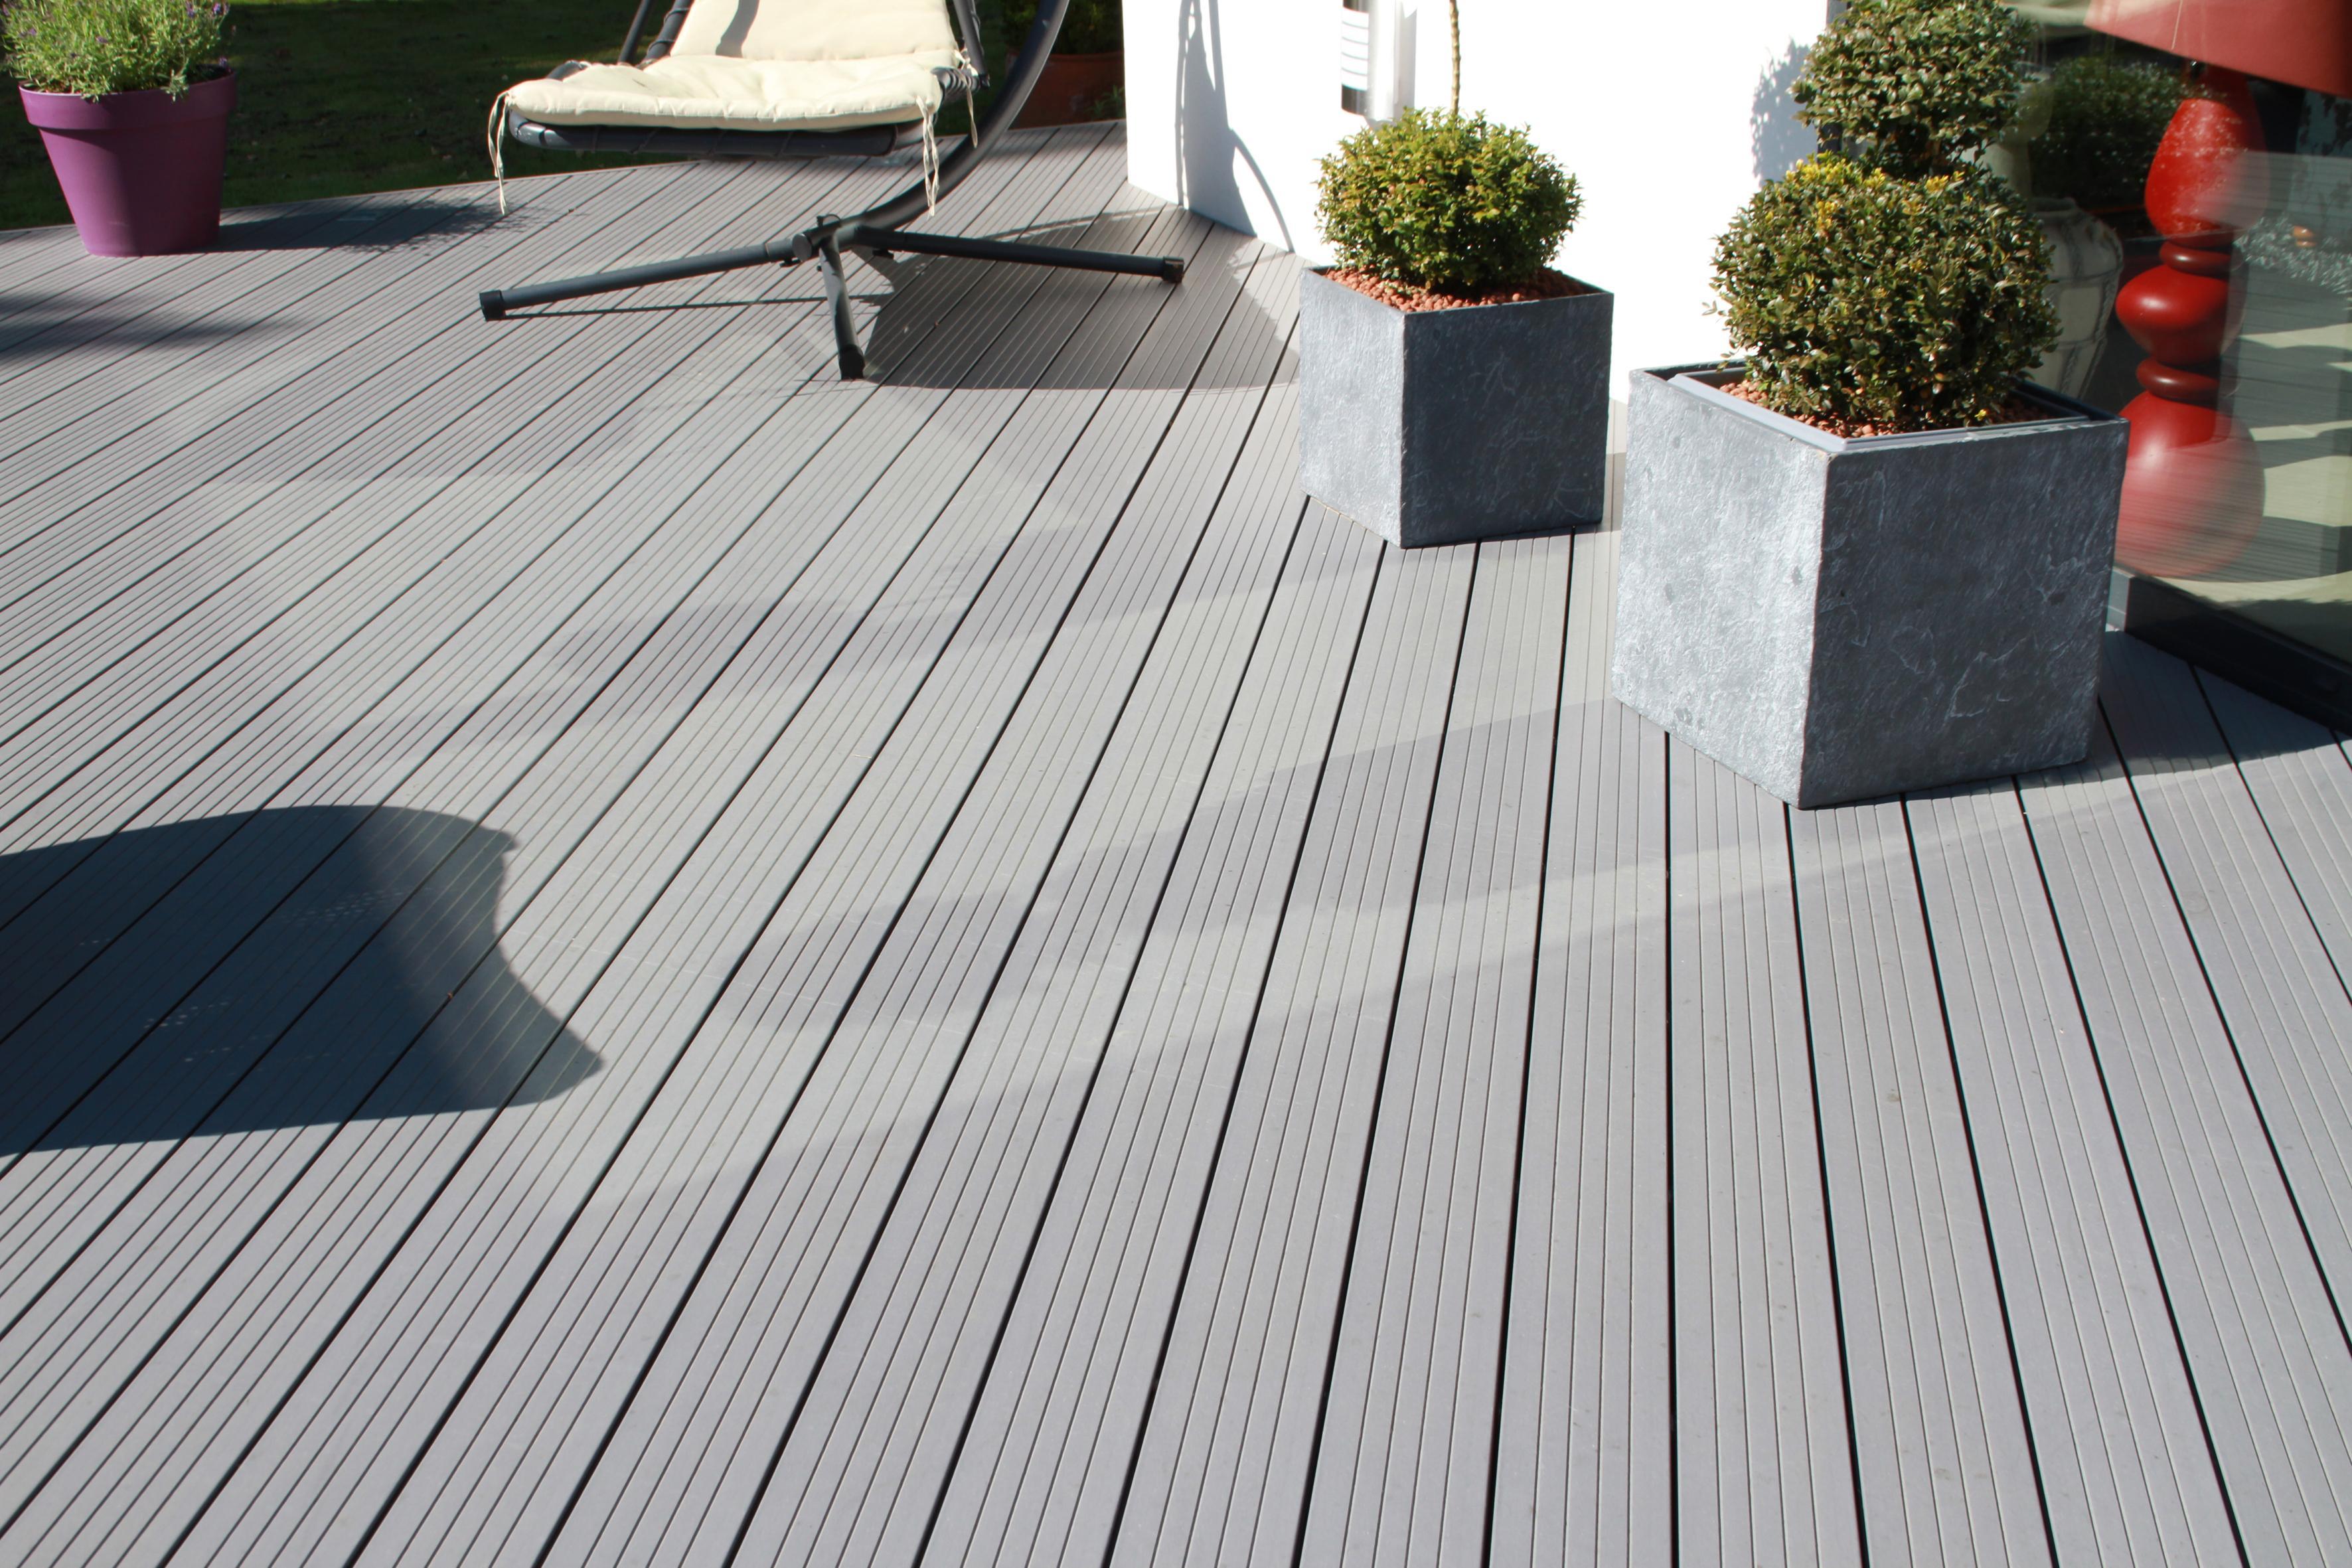 Terrasse bois composite gris prix Nos Conseils # Terrasse Bois Gris